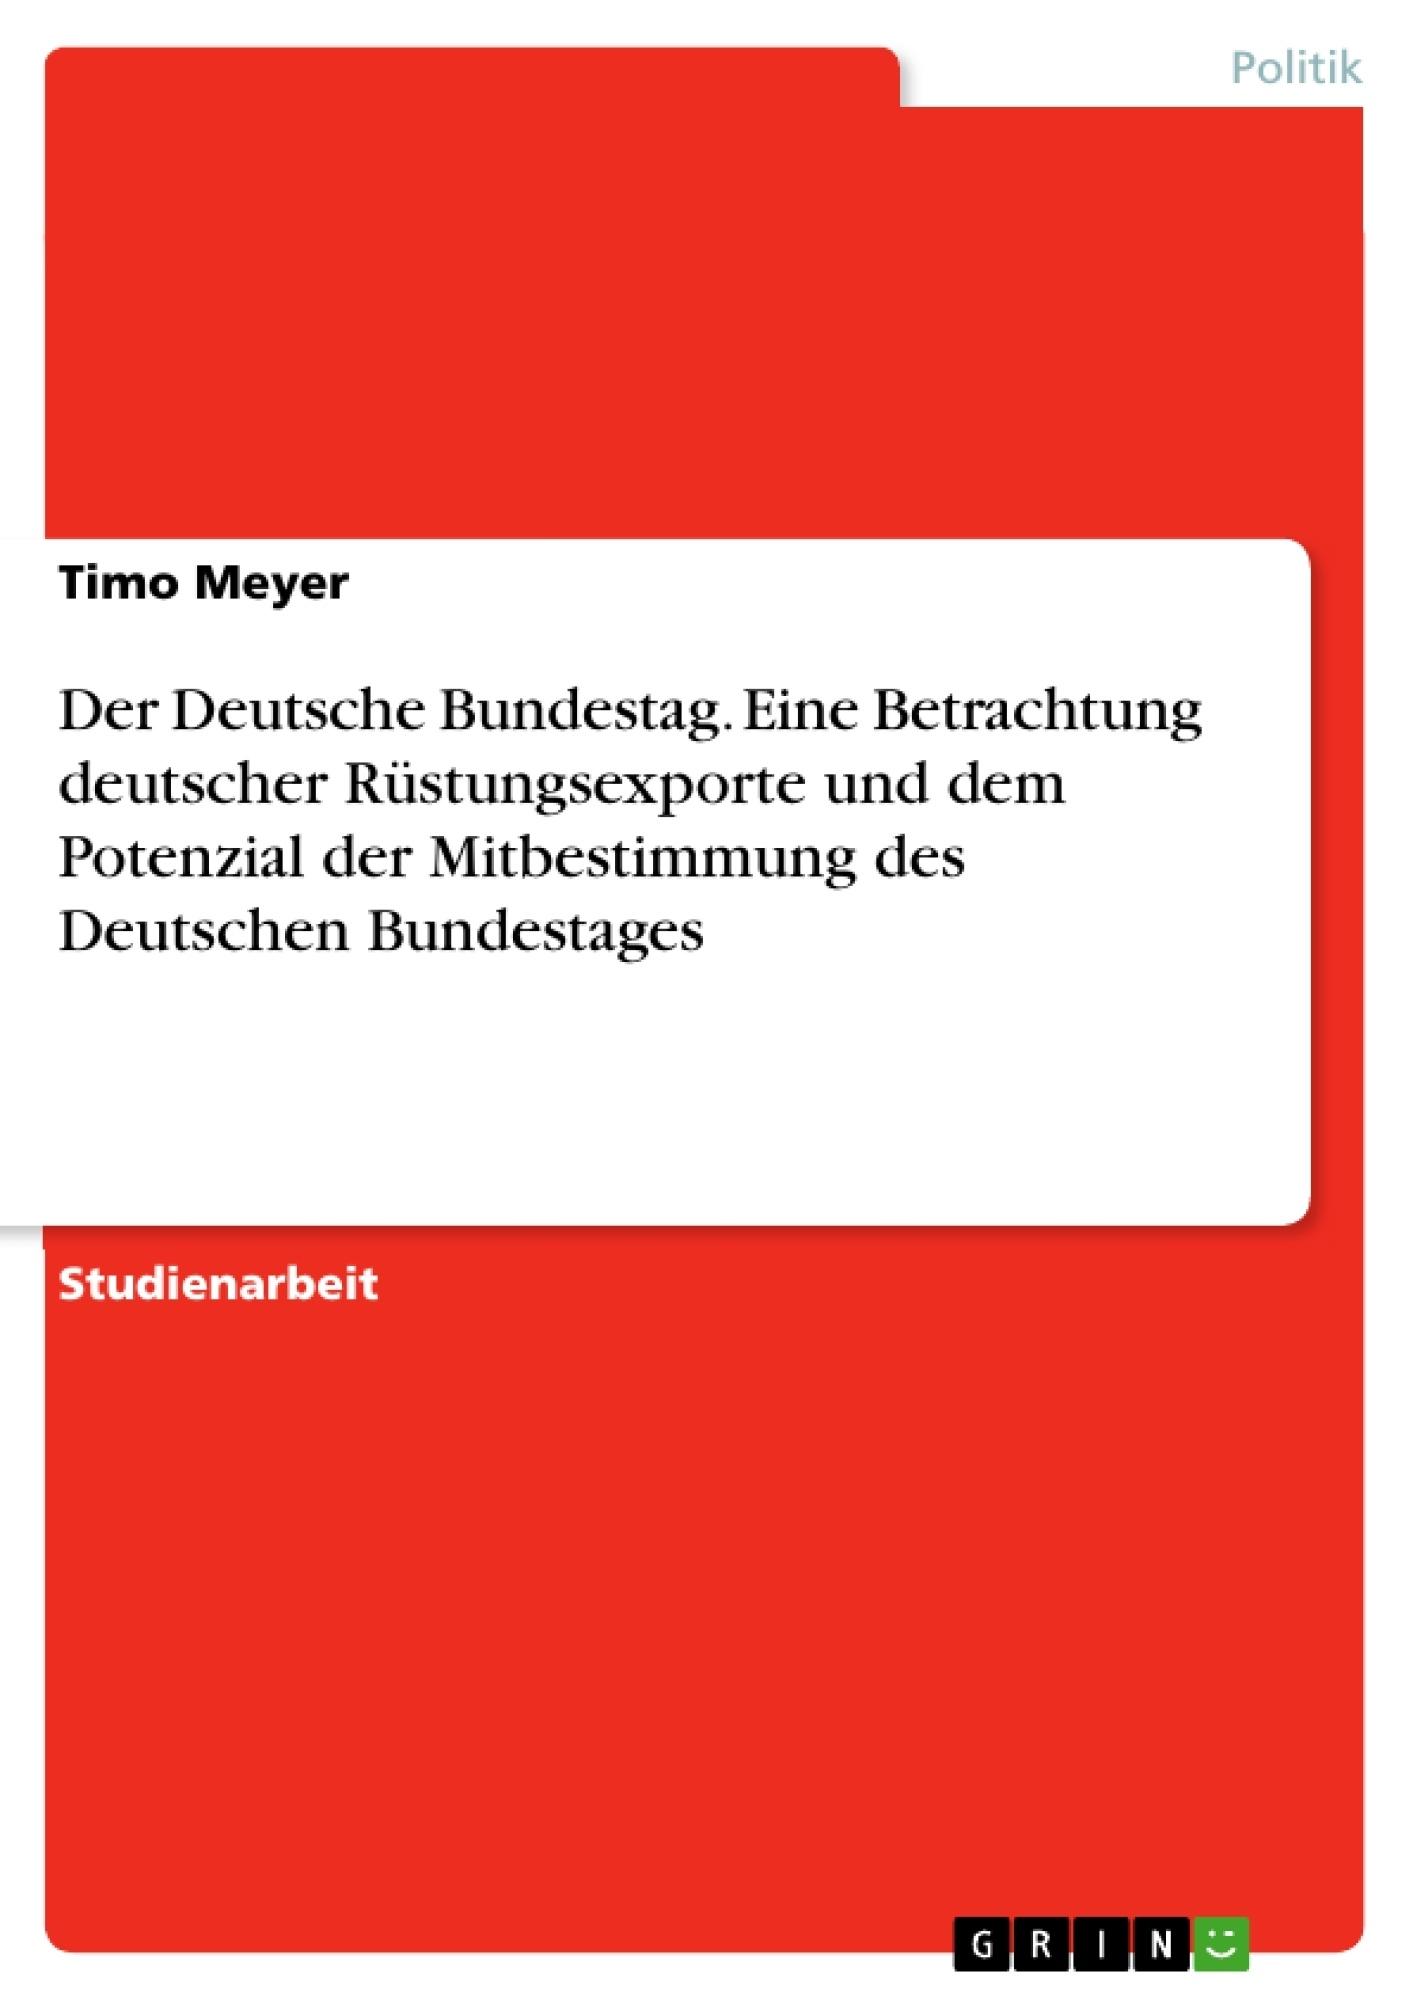 Titel: Der Deutsche Bundestag. Eine Betrachtung deutscher Rüstungsexporte und dem Potenzial der Mitbestimmung des Deutschen Bundestages